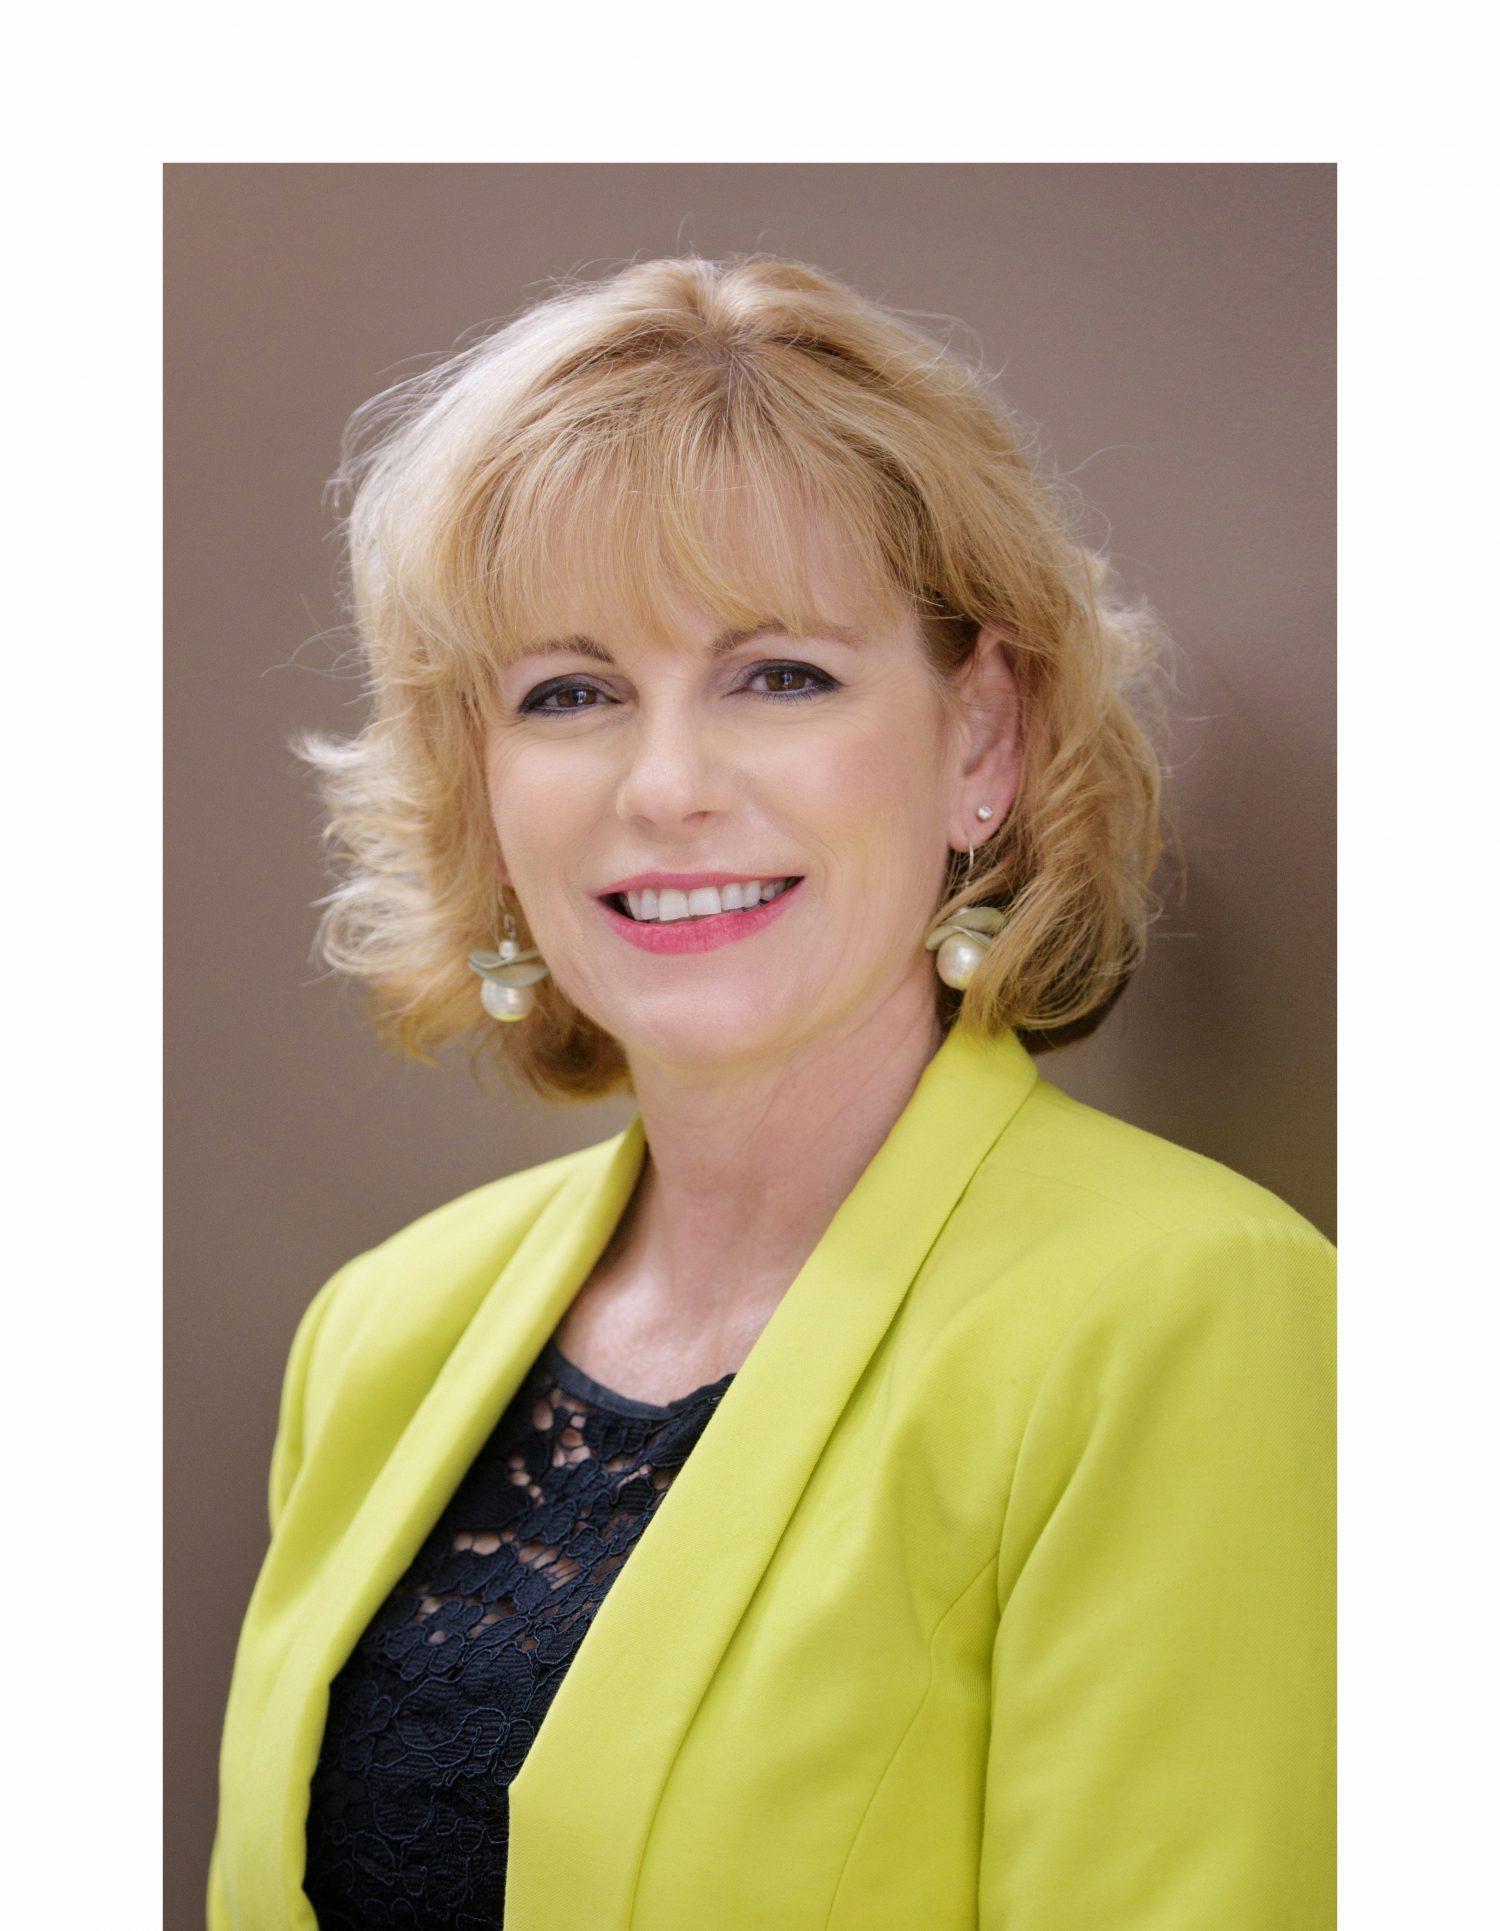 Meet Leanne Gillam